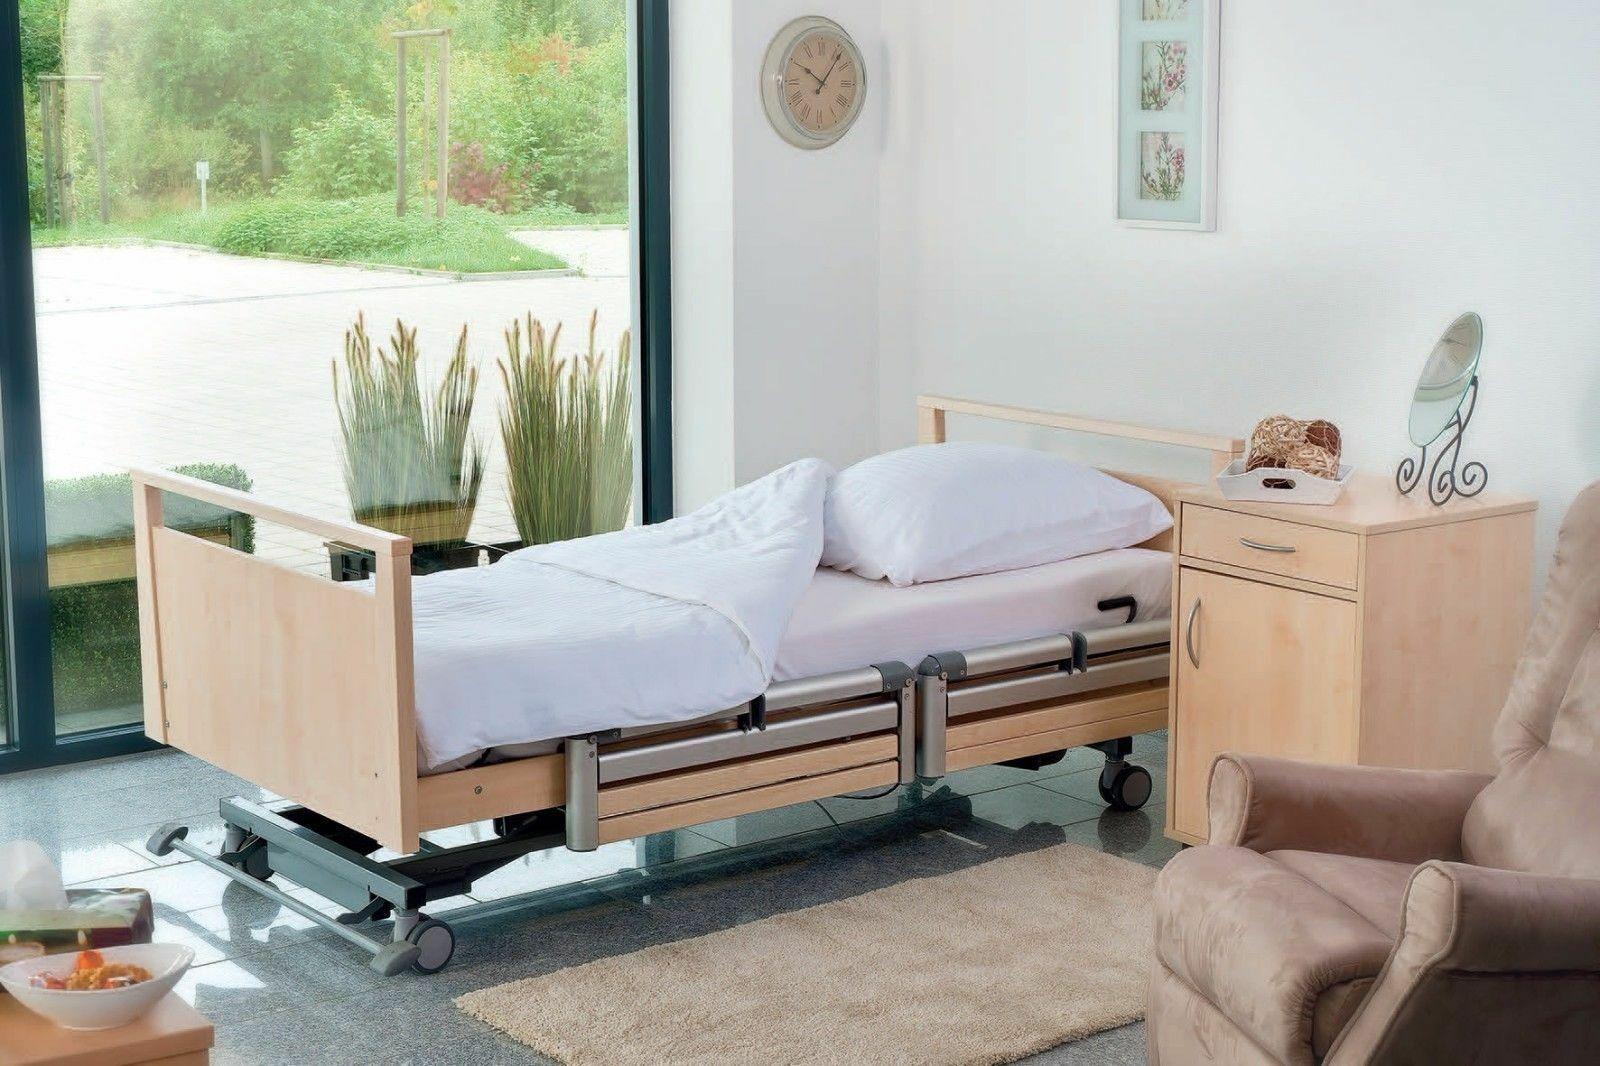 Full Size of Krankenhaus Bett Elbacare Pflegebett Krankenbett Seniorenbett Krankenhausbett Prinzessinen 140x200 Bette Badewanne 160x200 Mit Lattenrost Und Matratze Kopfteil Bett Krankenhaus Bett